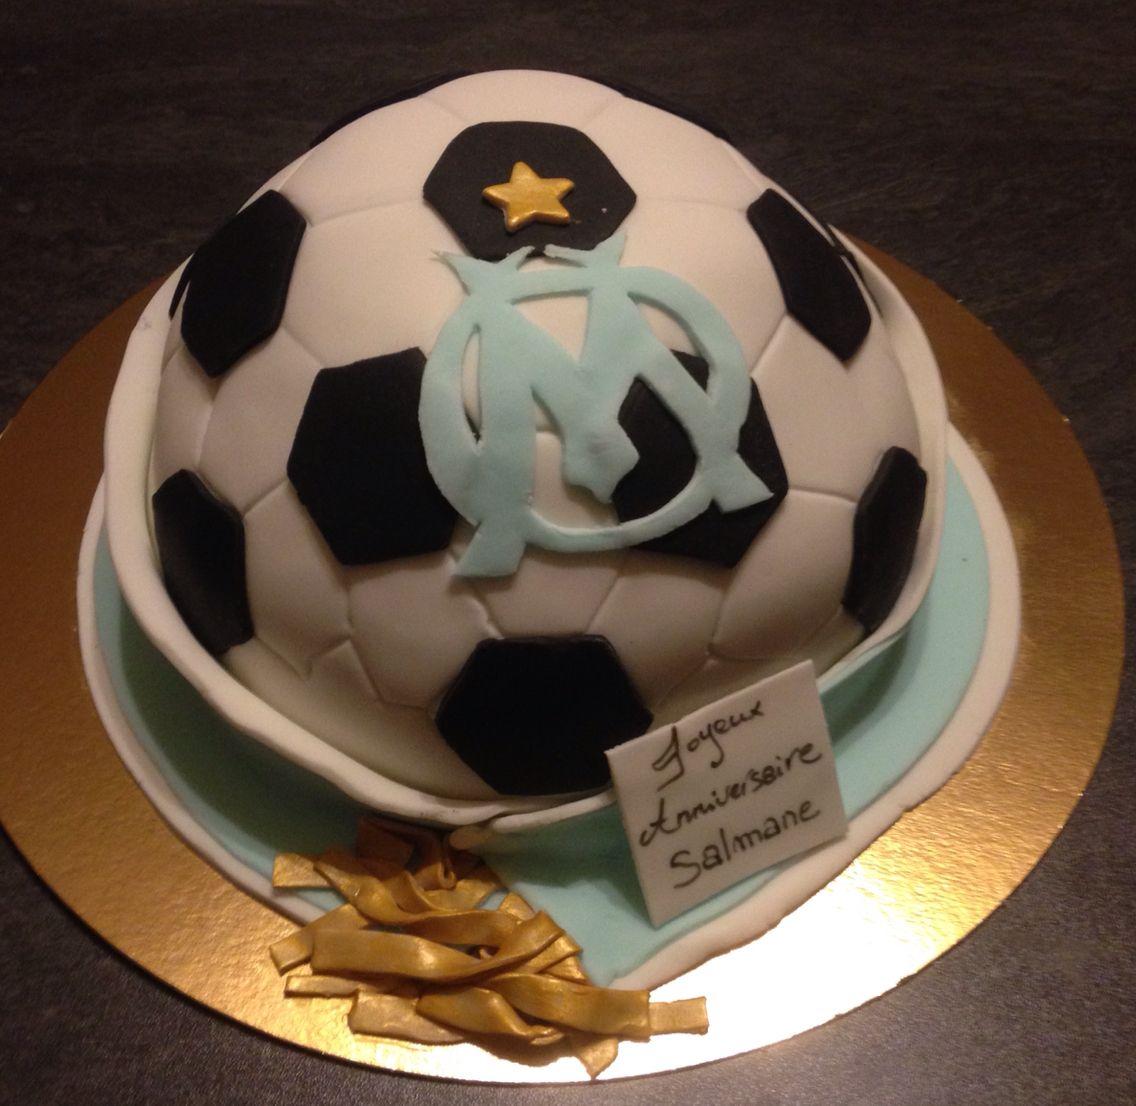 Birthday Cake Ballon De Foot Charpe Supporter De L Om Th Me